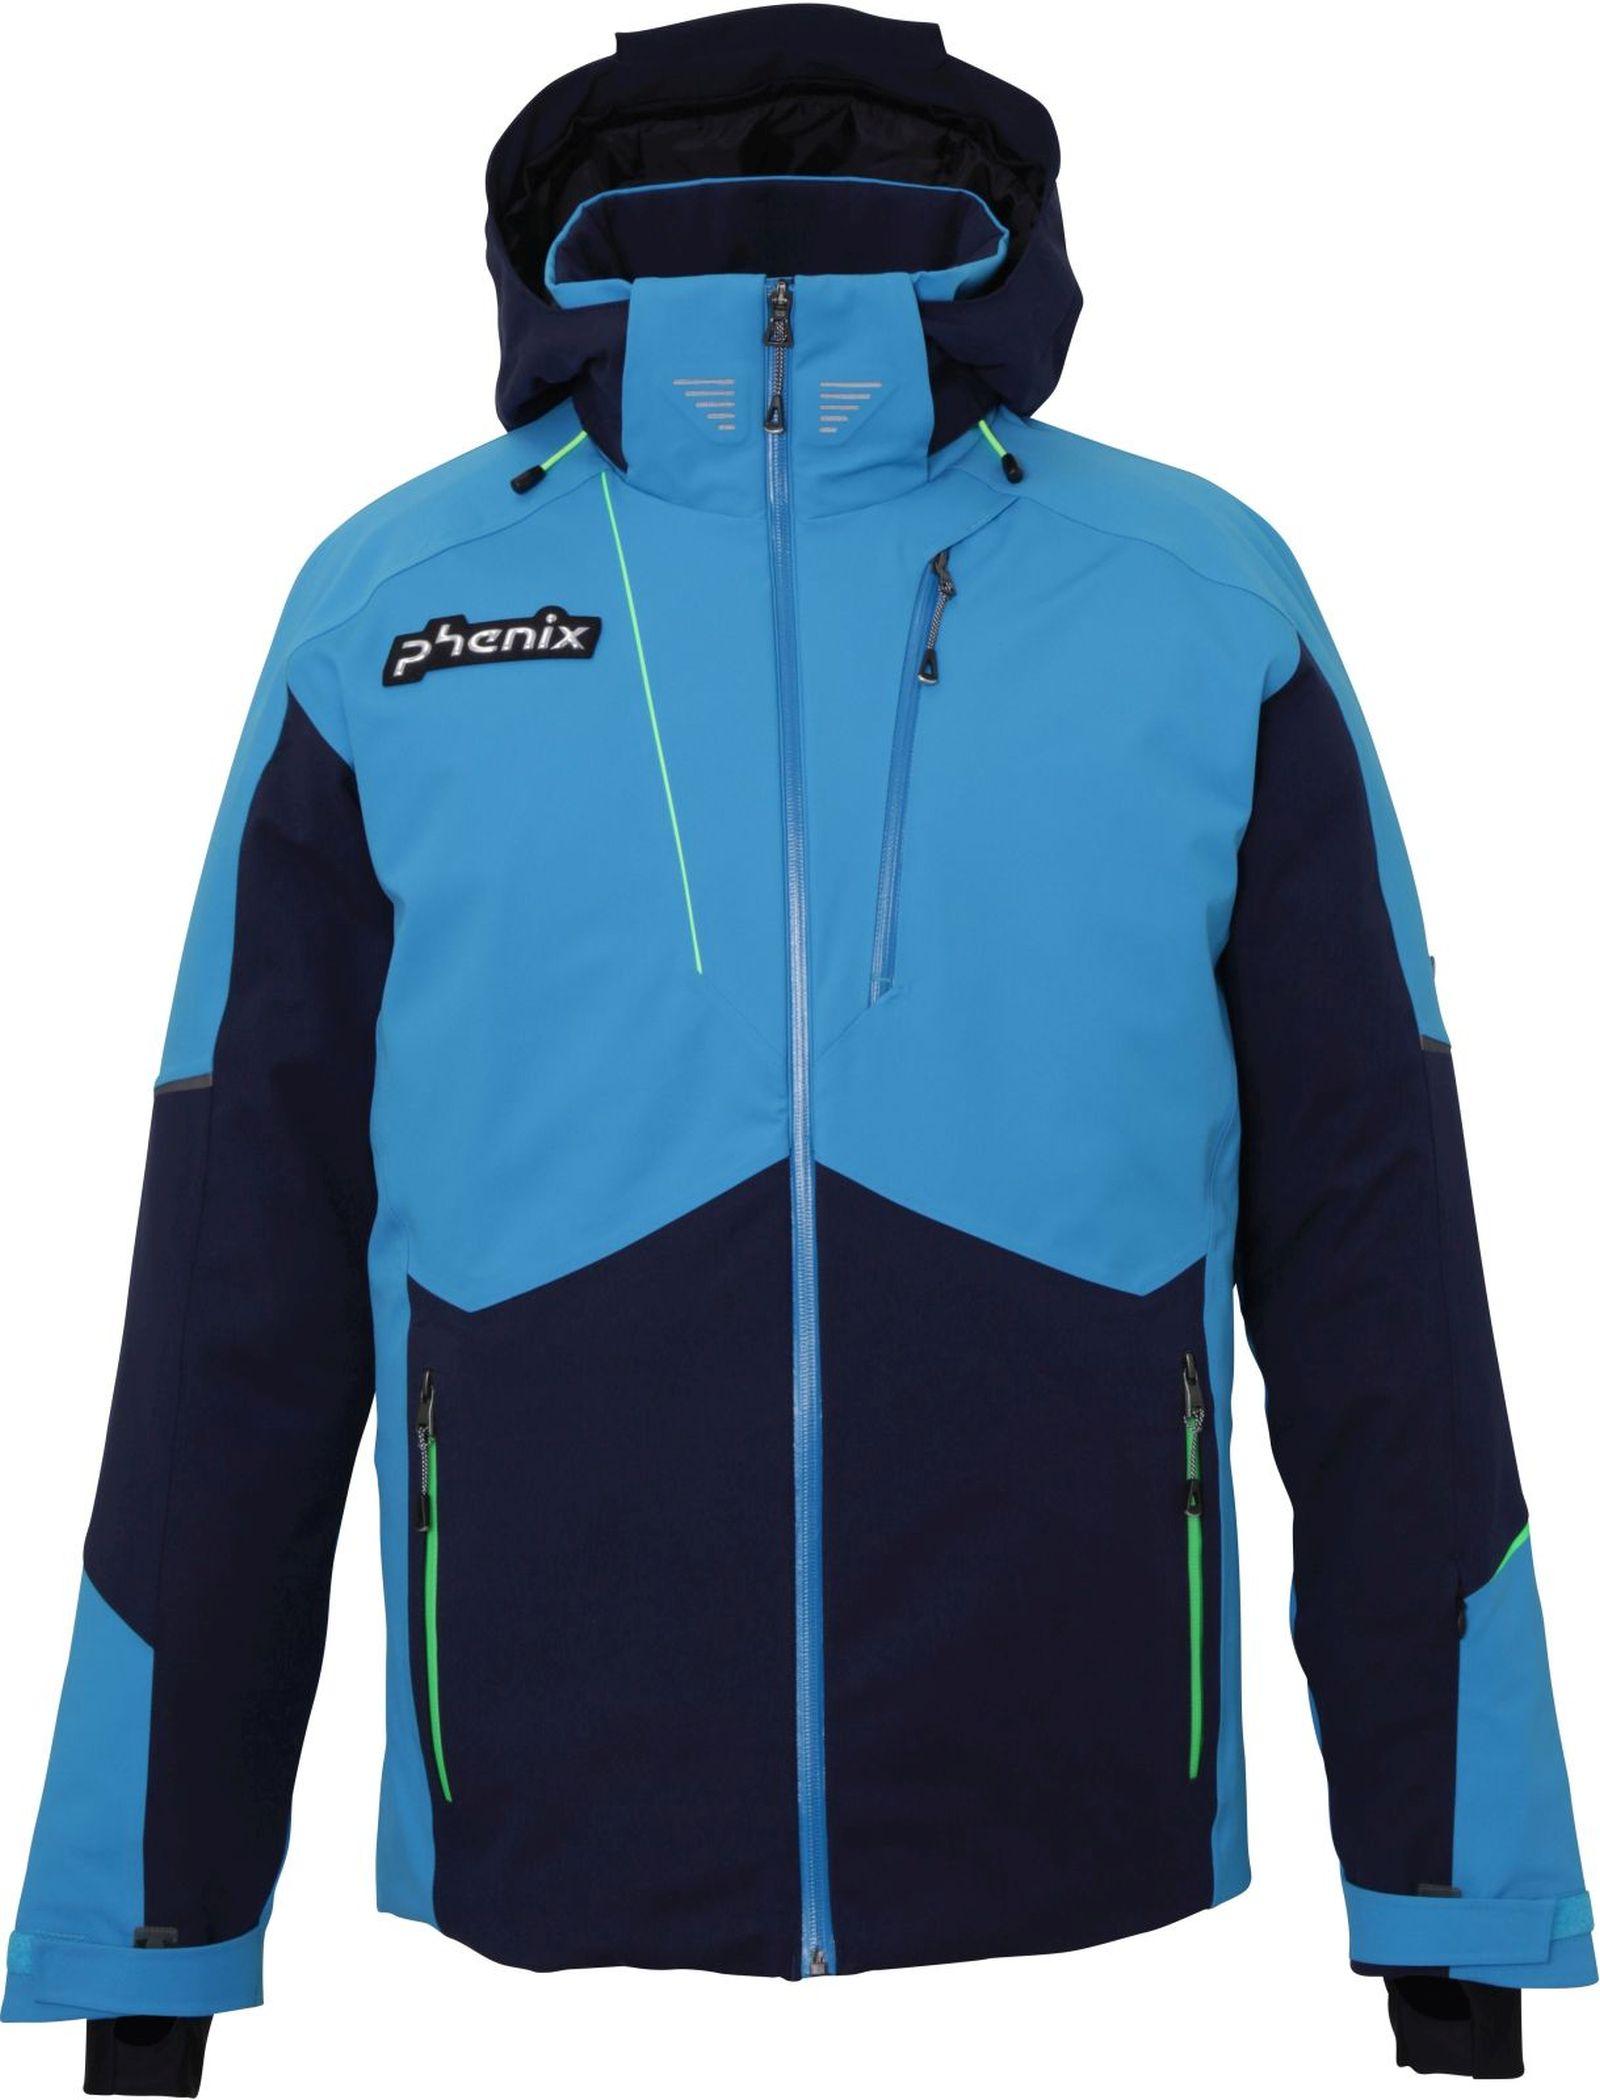 E-shop Phenix GT Jacket - turquoise XL